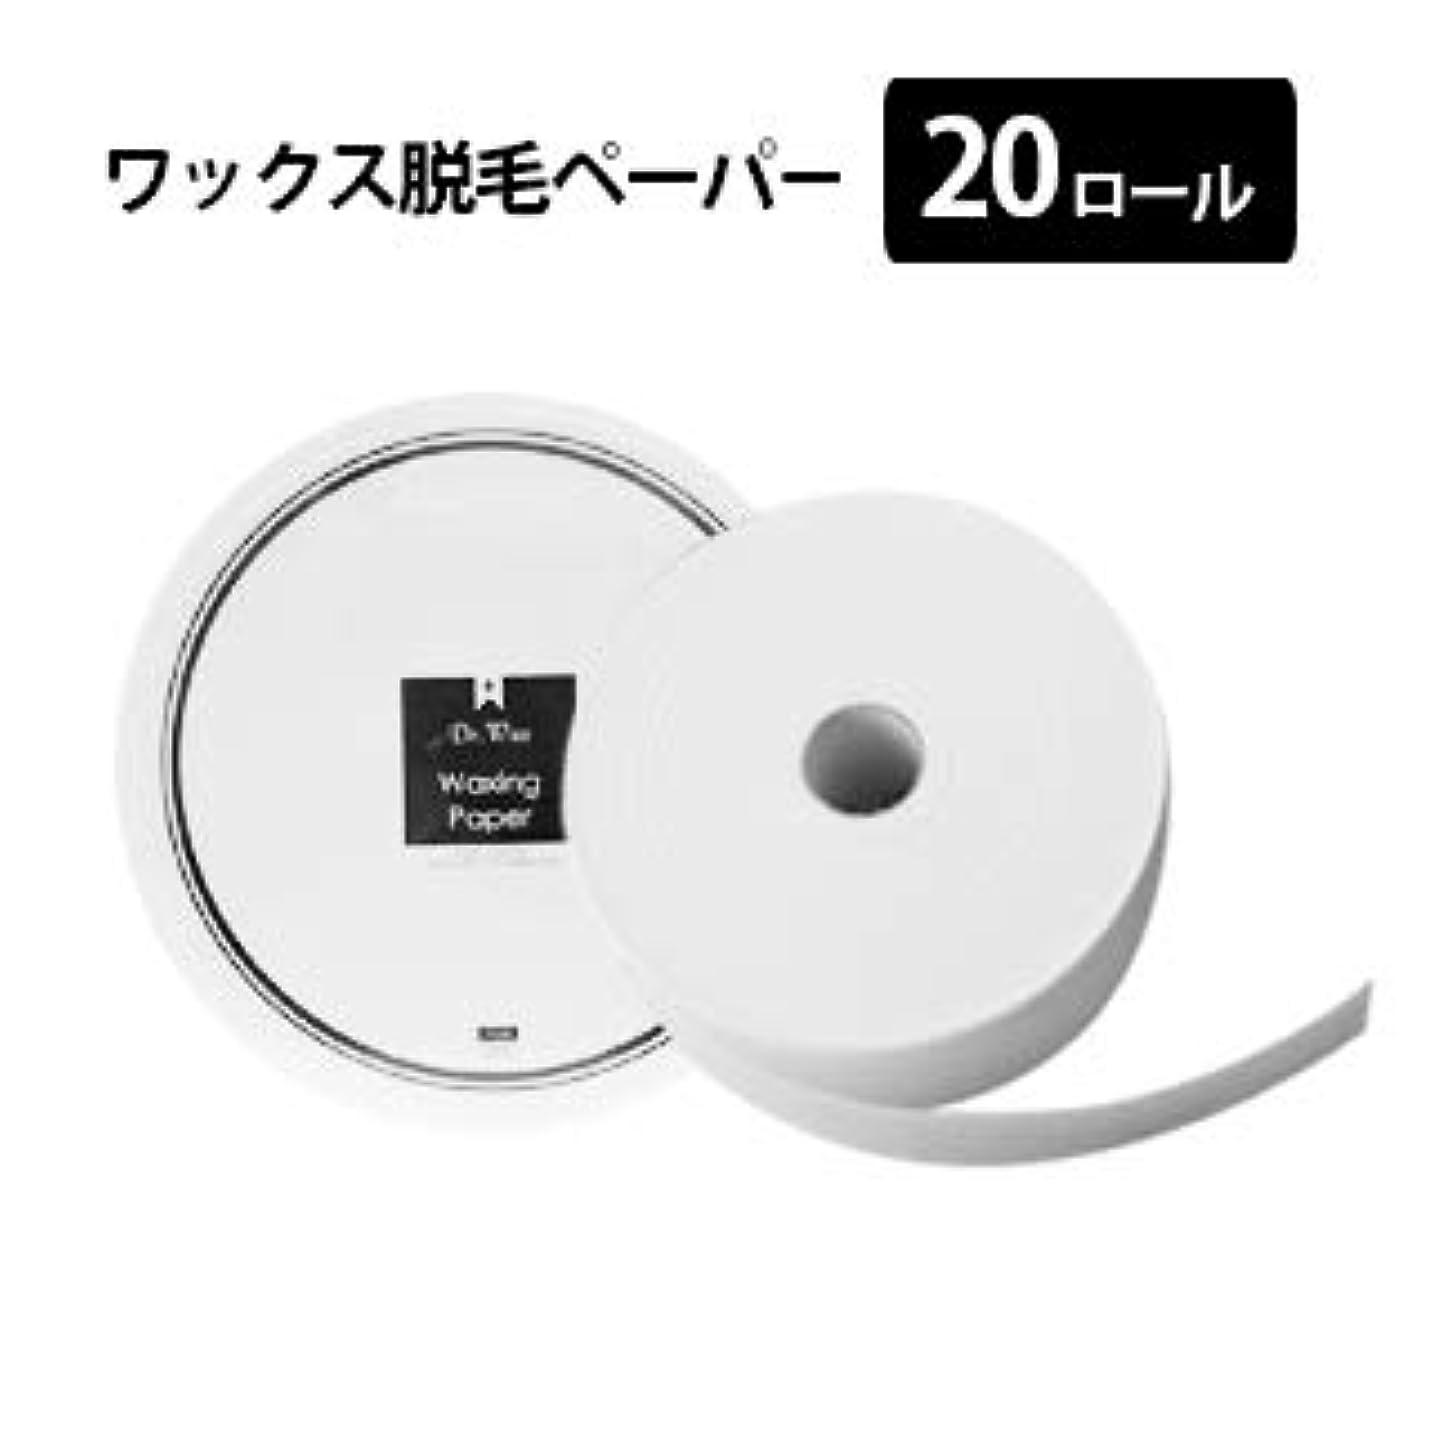 マラソン採用博物館【20ロール】ワックスロールペーパー 7cm スパンレース素材